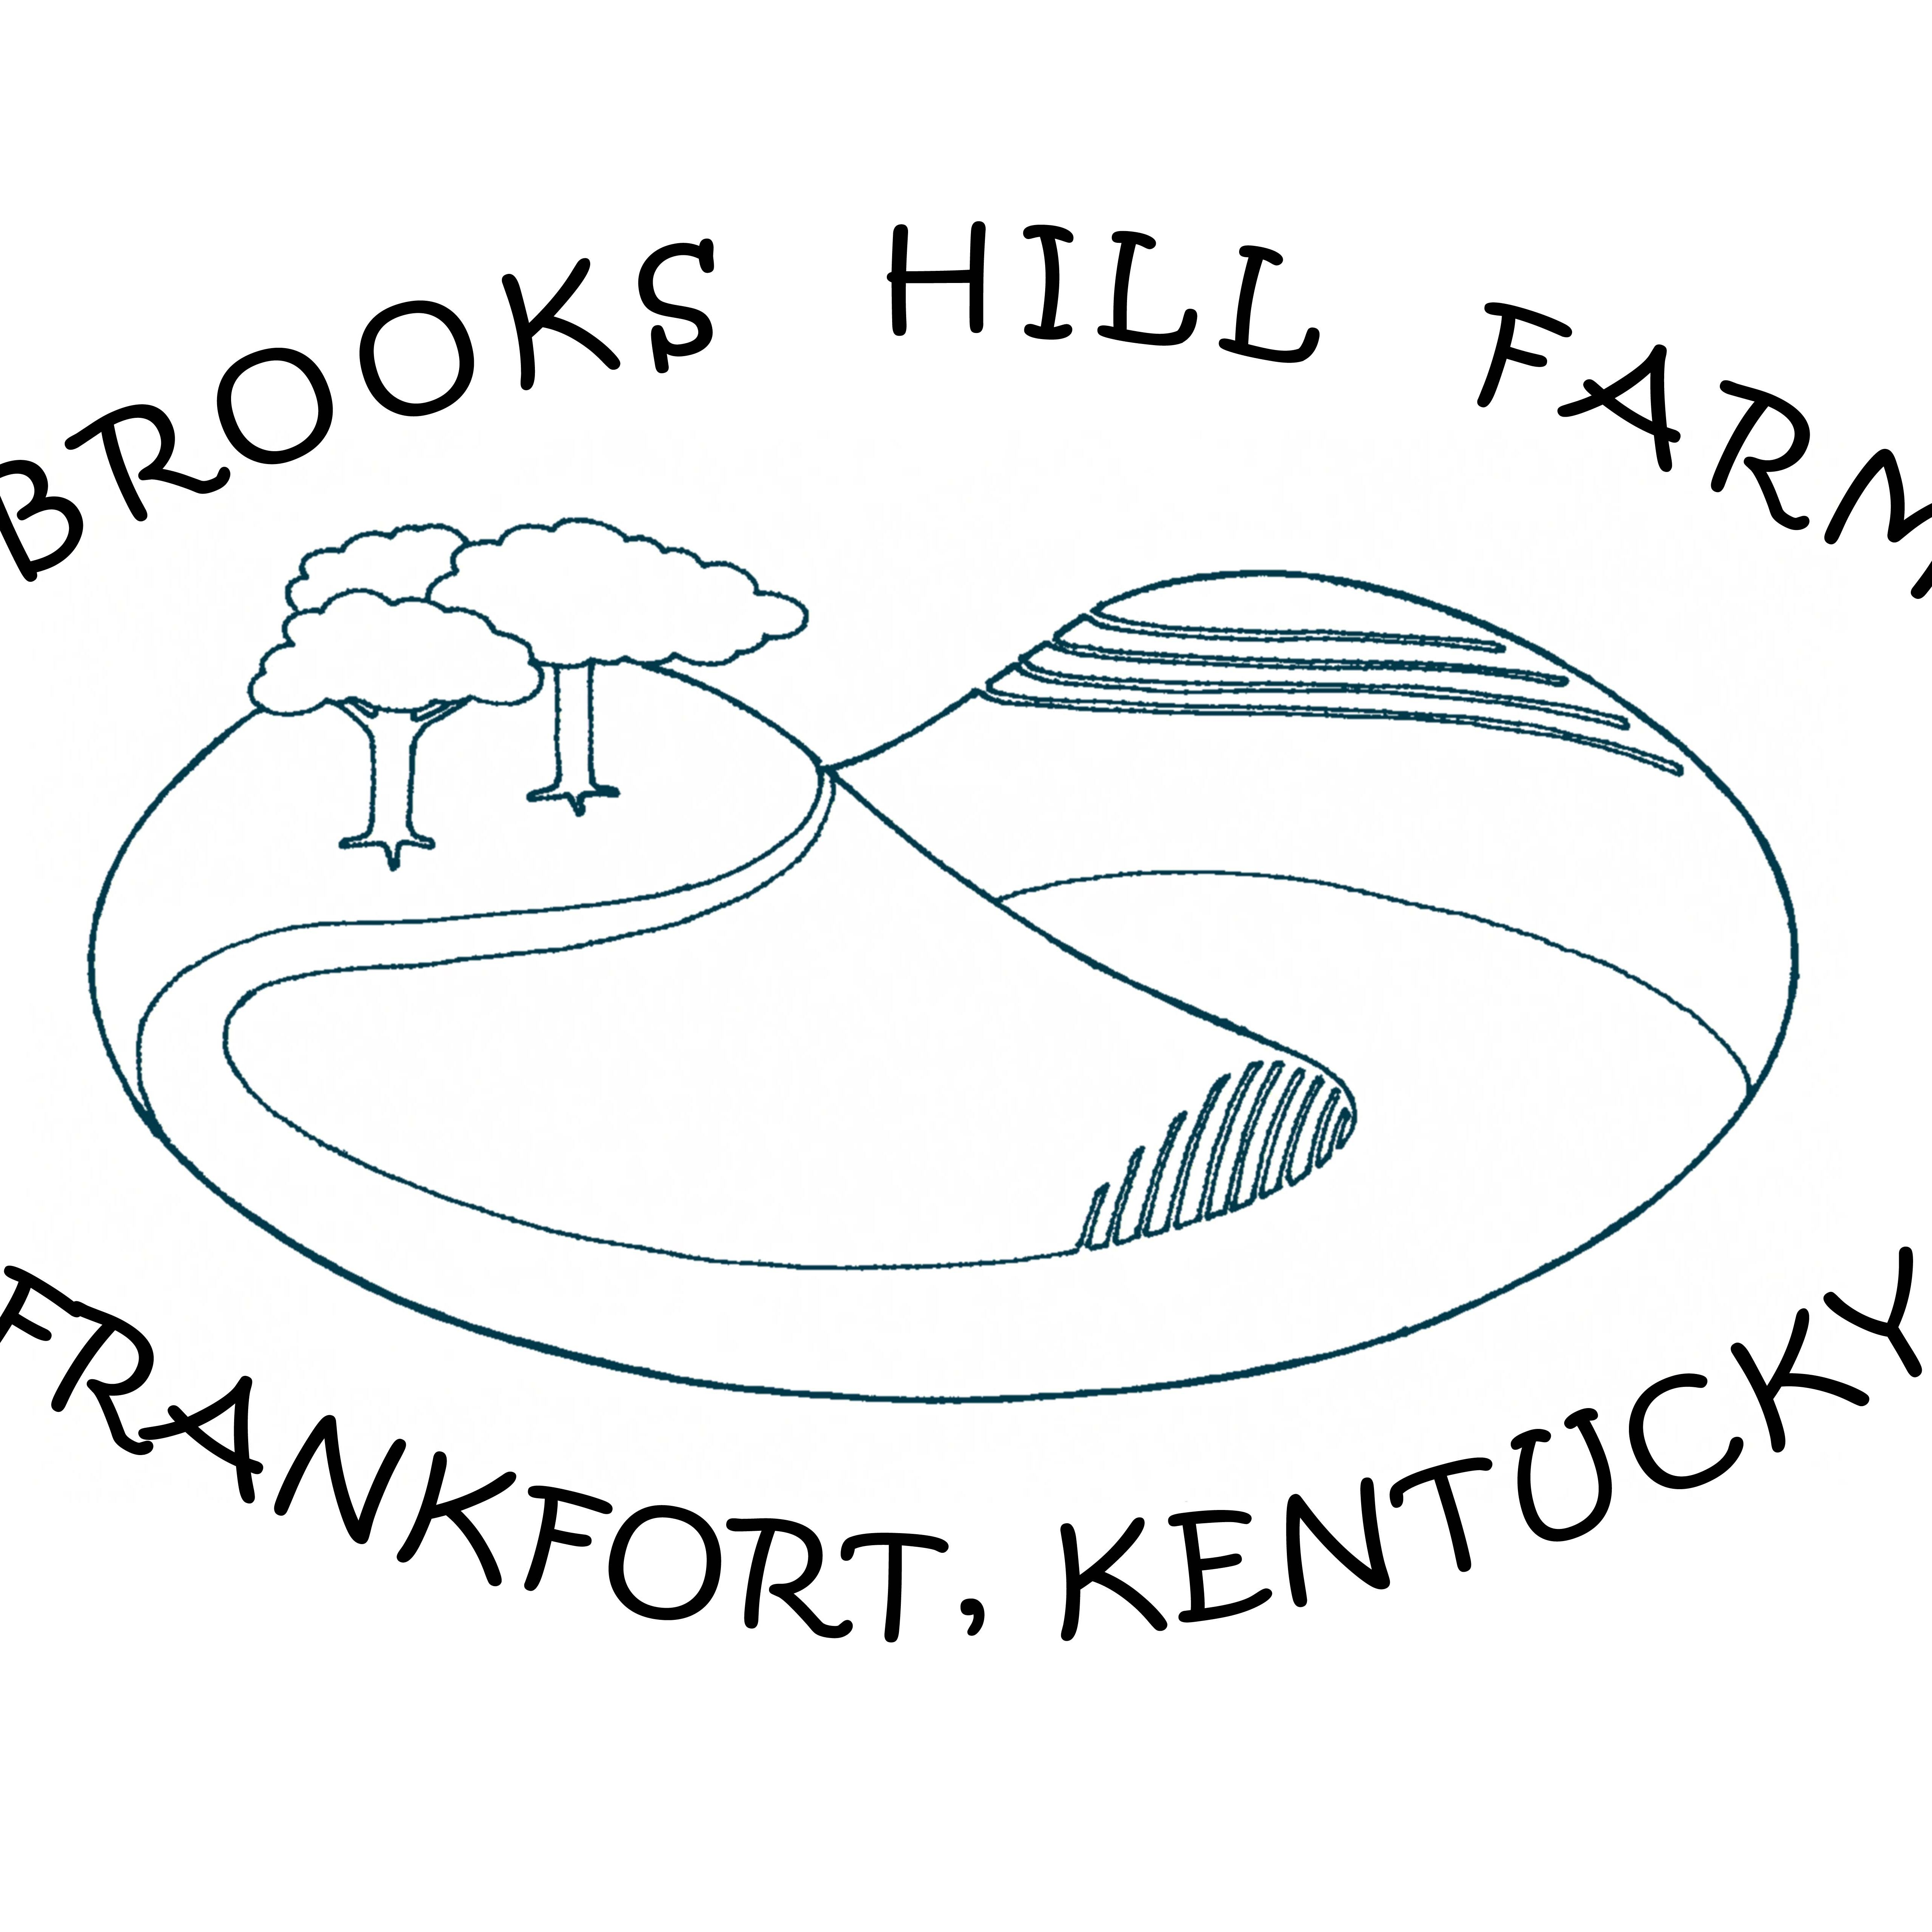 Brooks Hill Farm